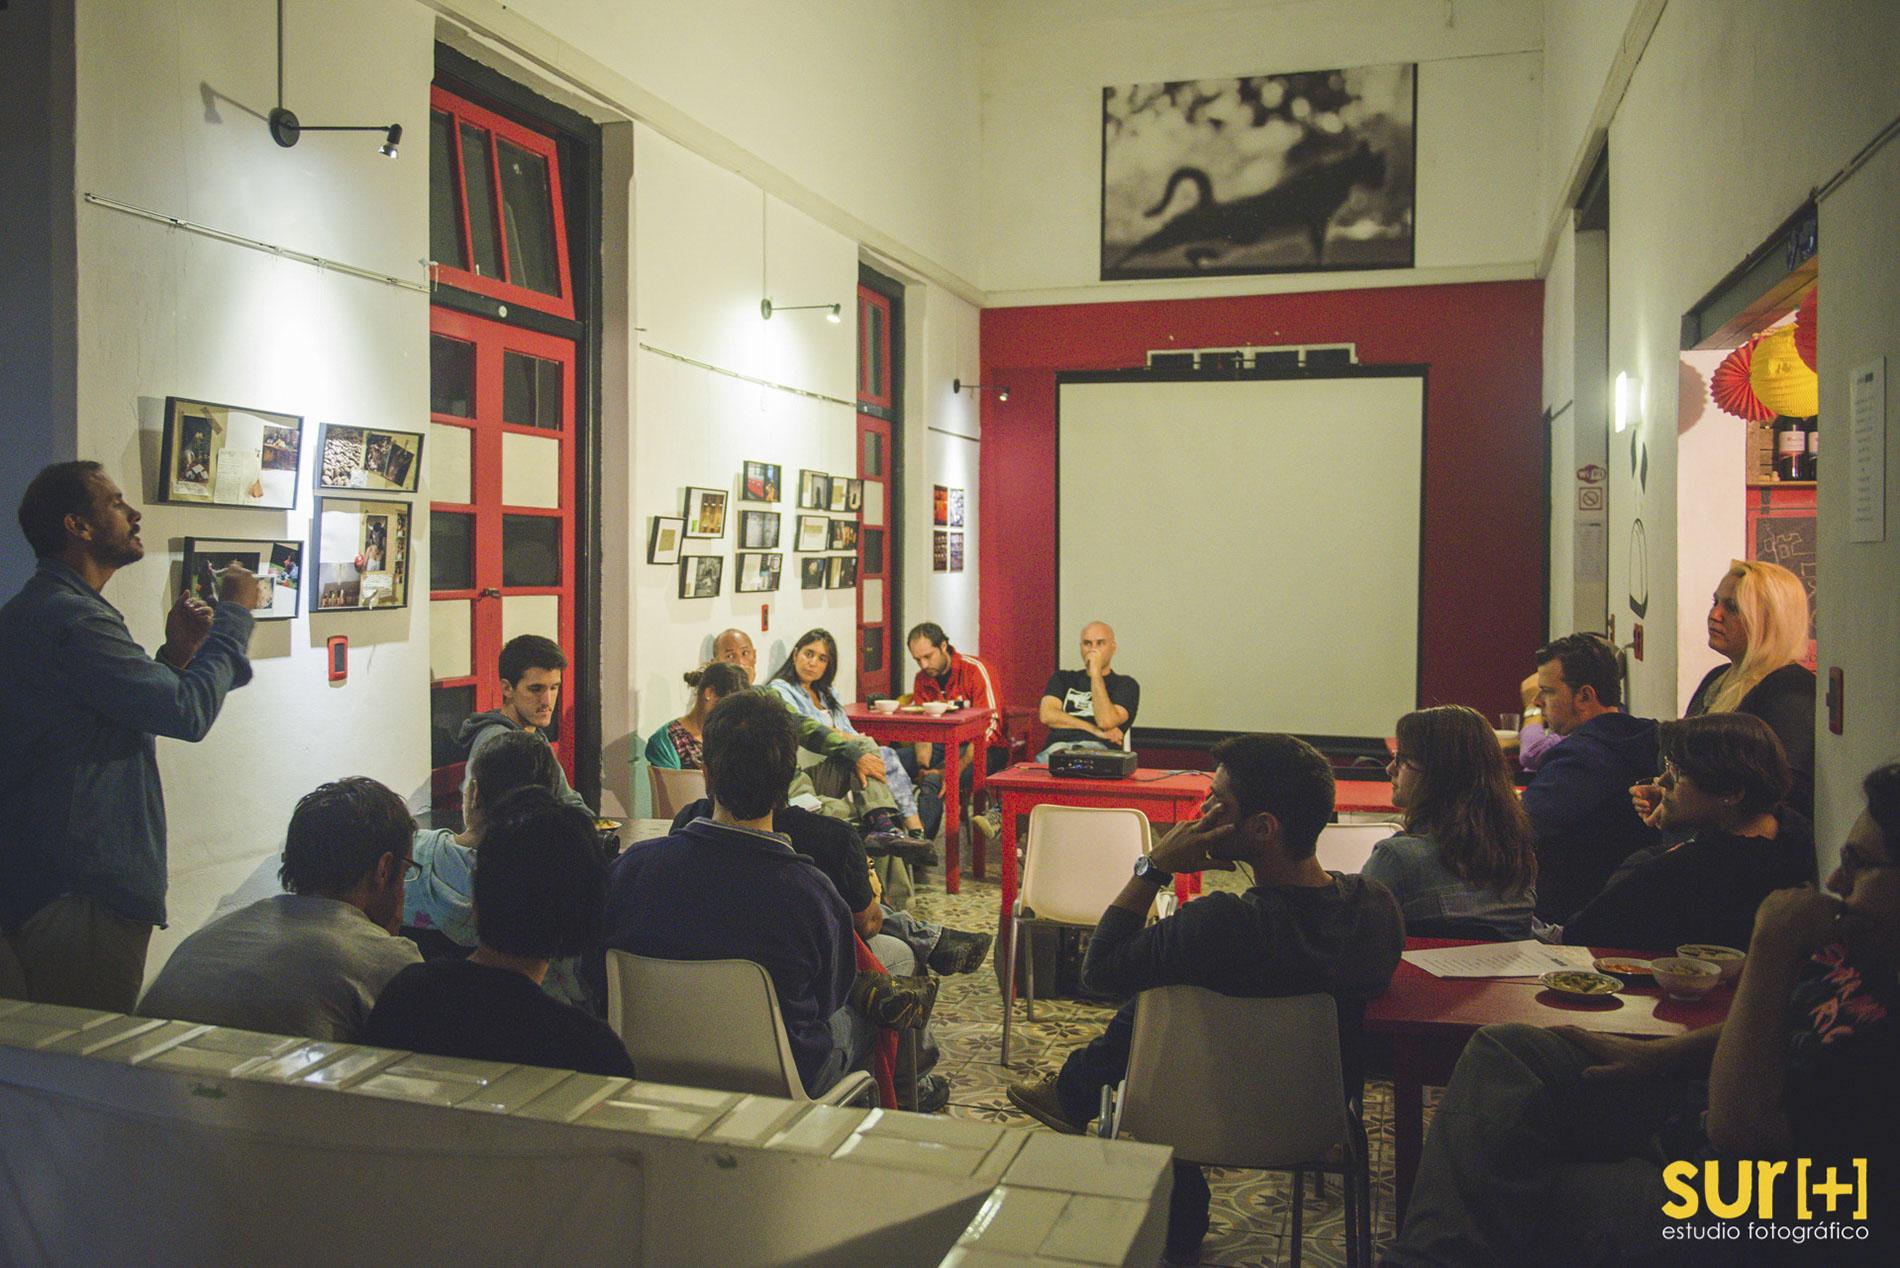 CicloFOTOdoc2 - Invitado Pablo Porsiuncula